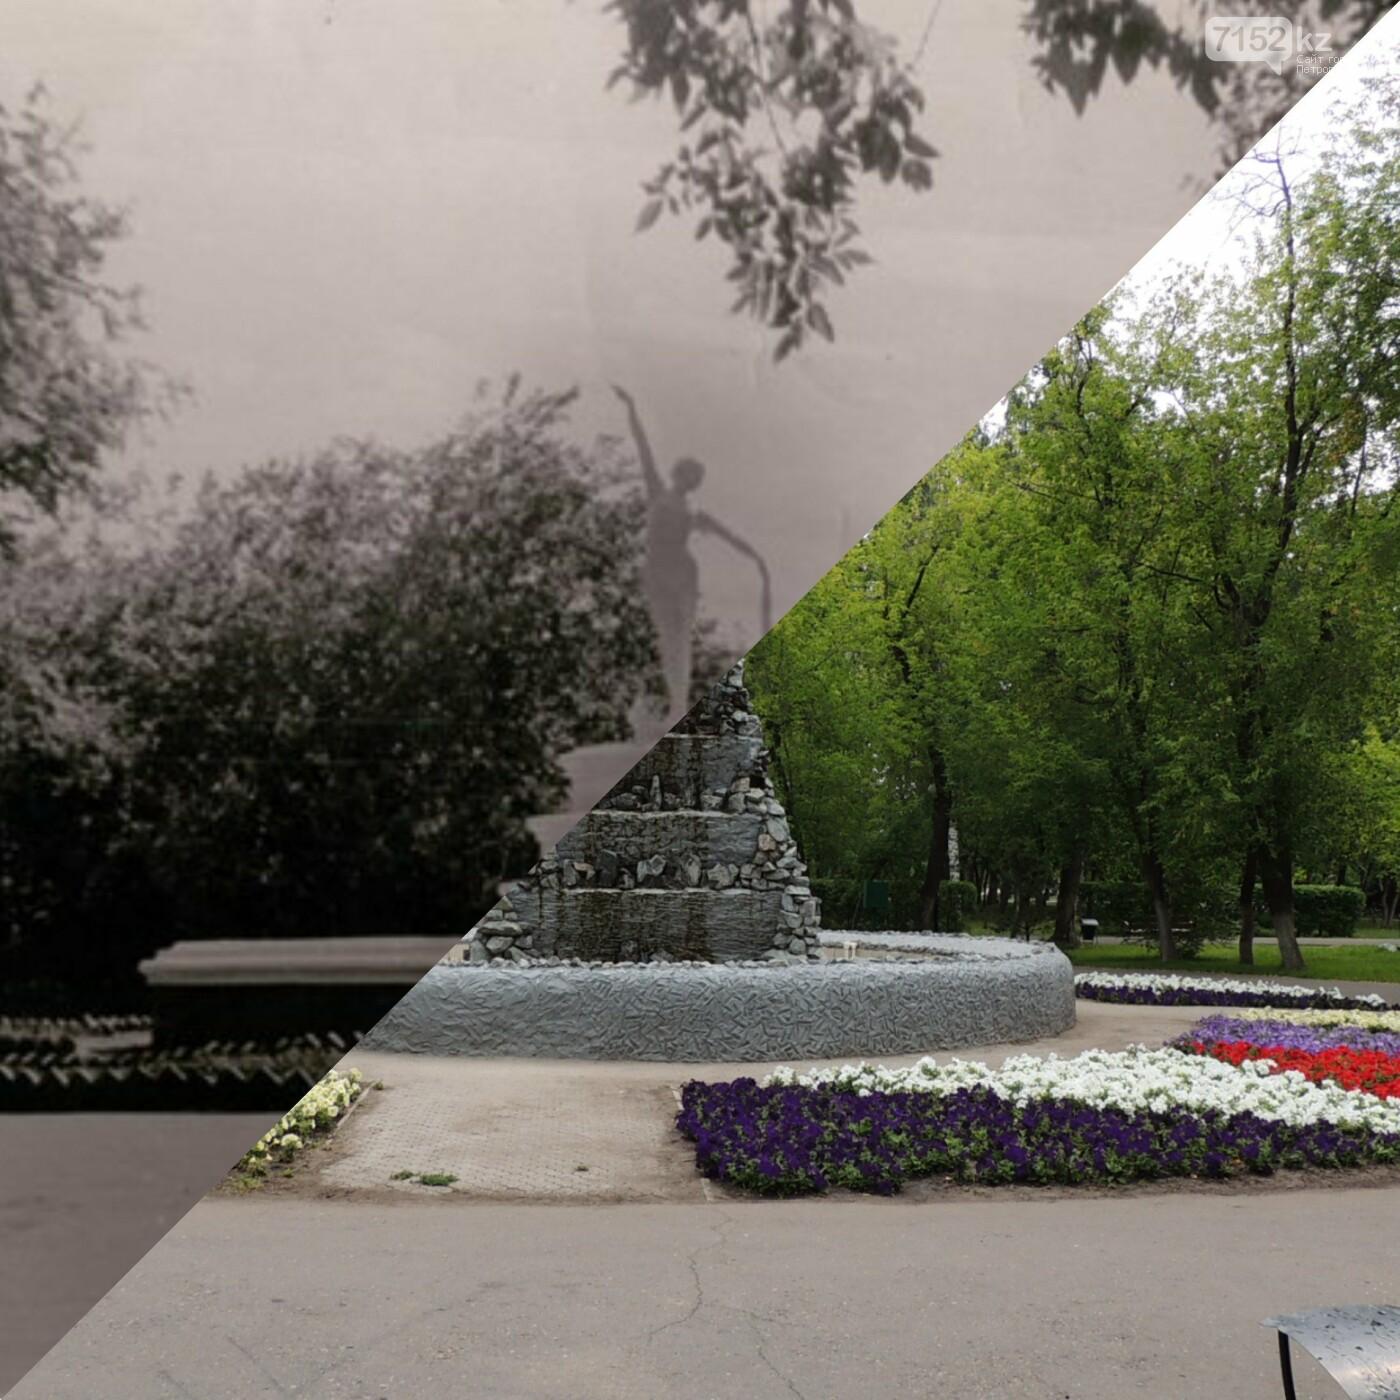 268 лет исполнилось сегодня Петропавловску, фото-6